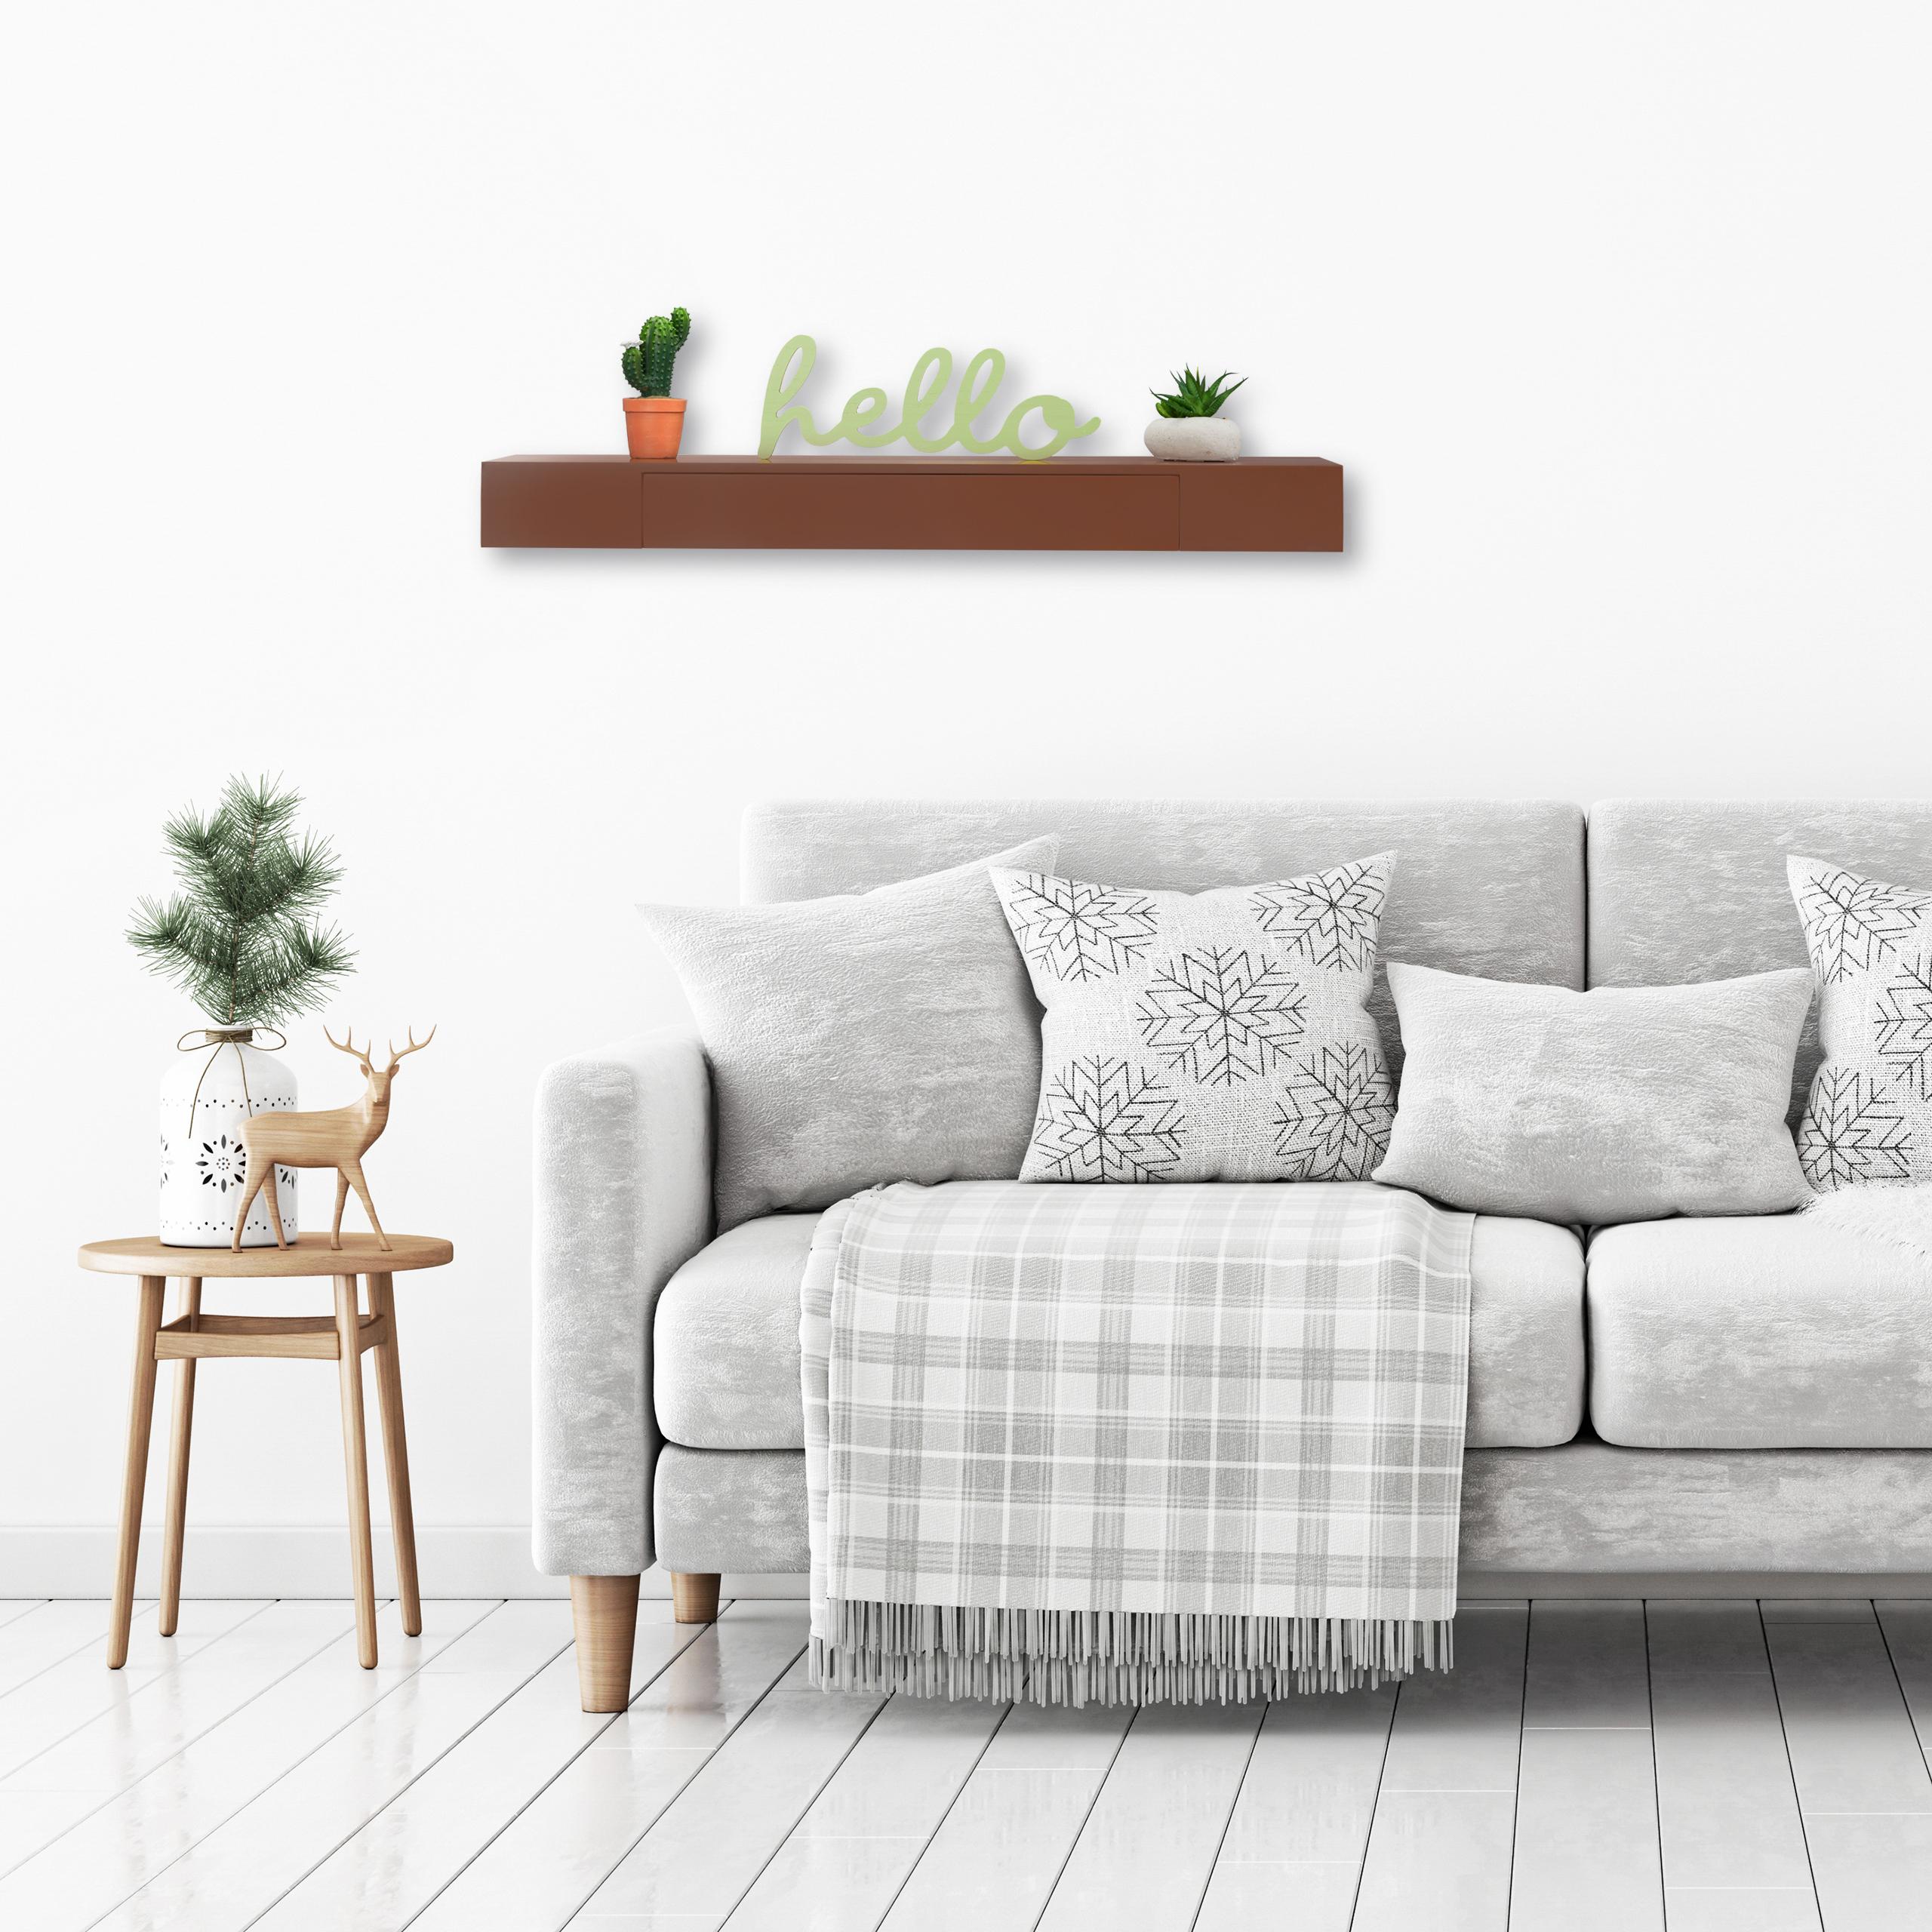 Wandregal-mit-Schublade-freischwebend-Design-Deko-Wohnzimmer-modern-Ablage Indexbild 8